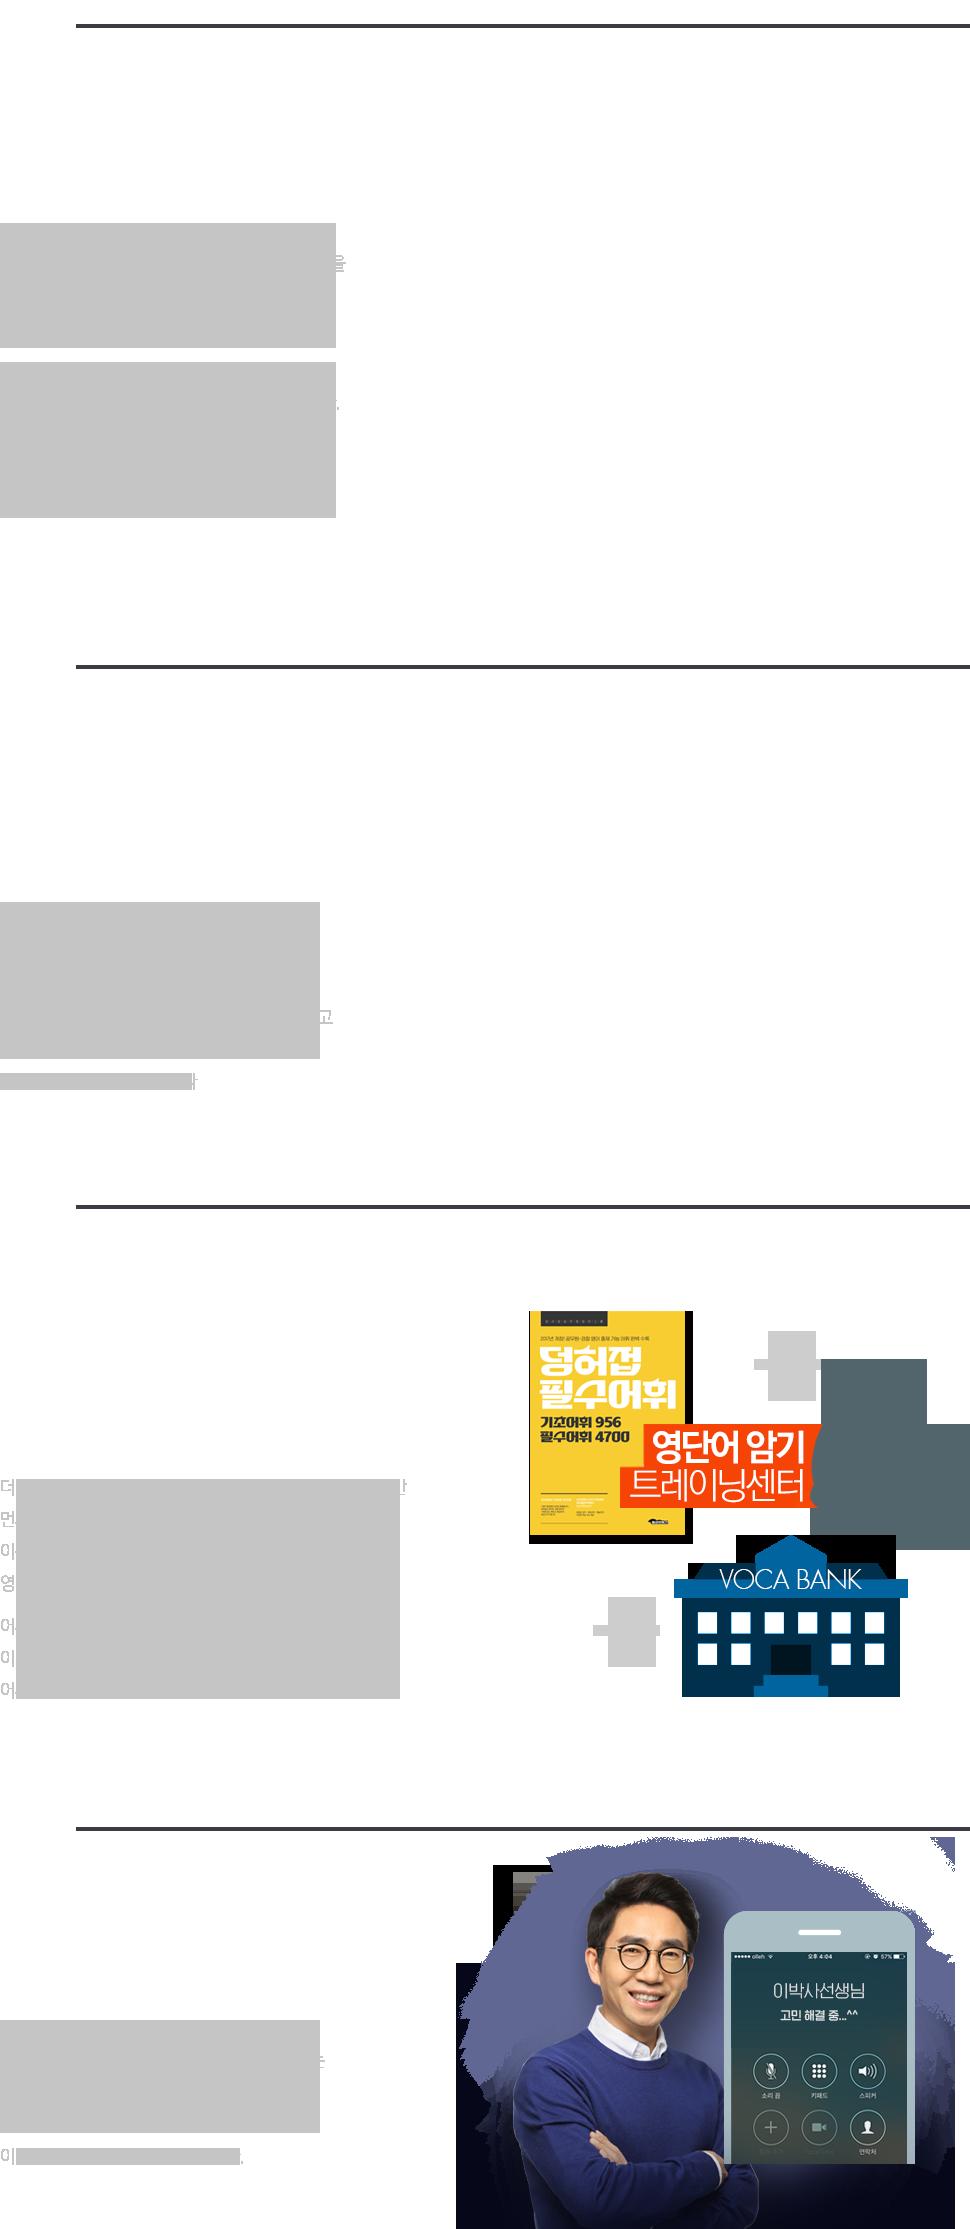 2017년 최신 출제경향까지 완벽 반영한 기본필수 커리큘럼 업그레이드, 속전속결 실전문제풀이&이디엄 특강업그레이드, 필수 어휘집 영단어 암기트레이닝센터 NEW 어휘 문제뱅크, 이박사 선생님 1대1 전화상담